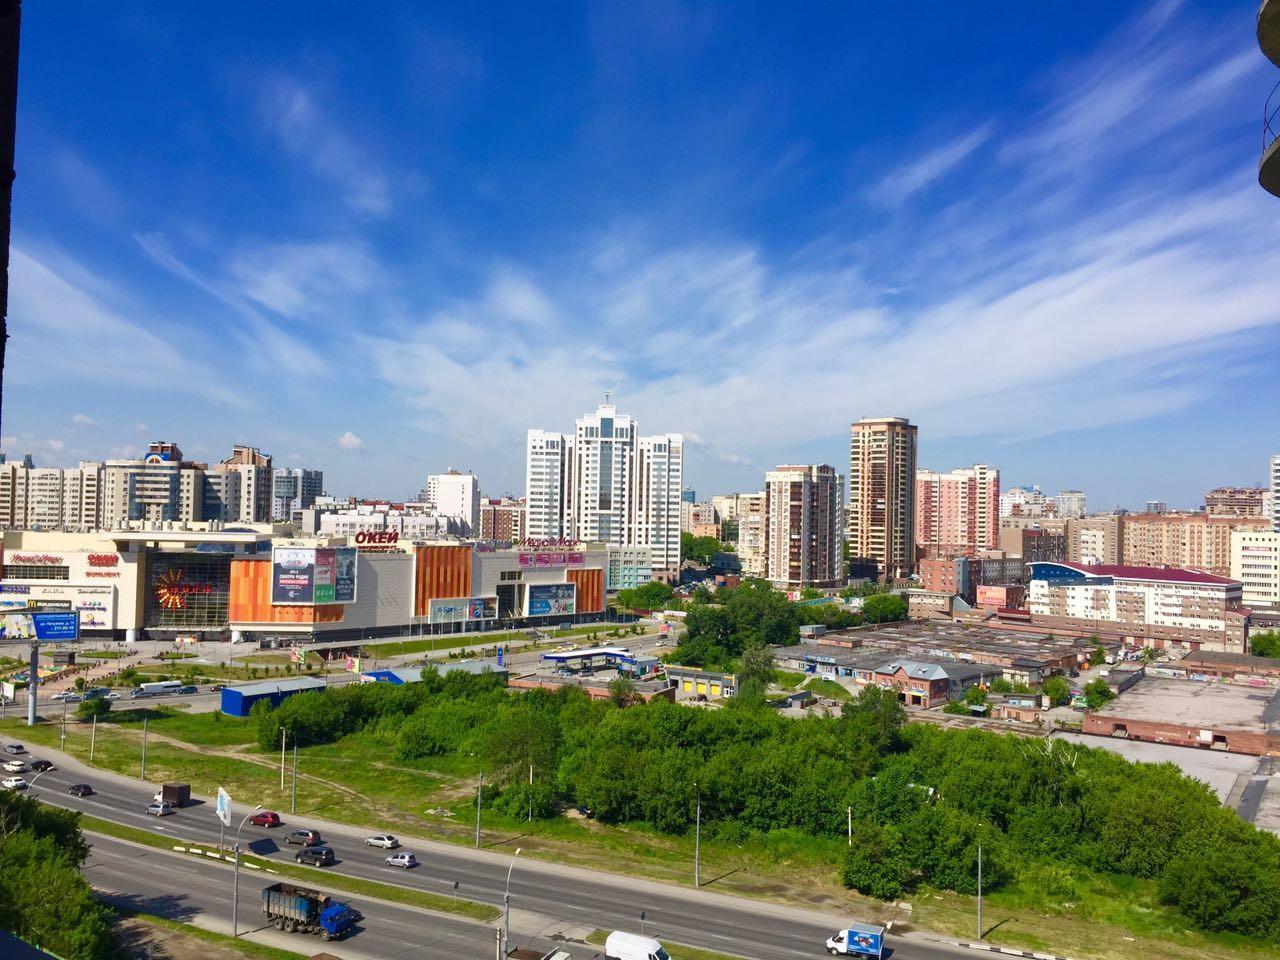 черной шерсти новосибирск недвижимость фото города переднего лонжерона